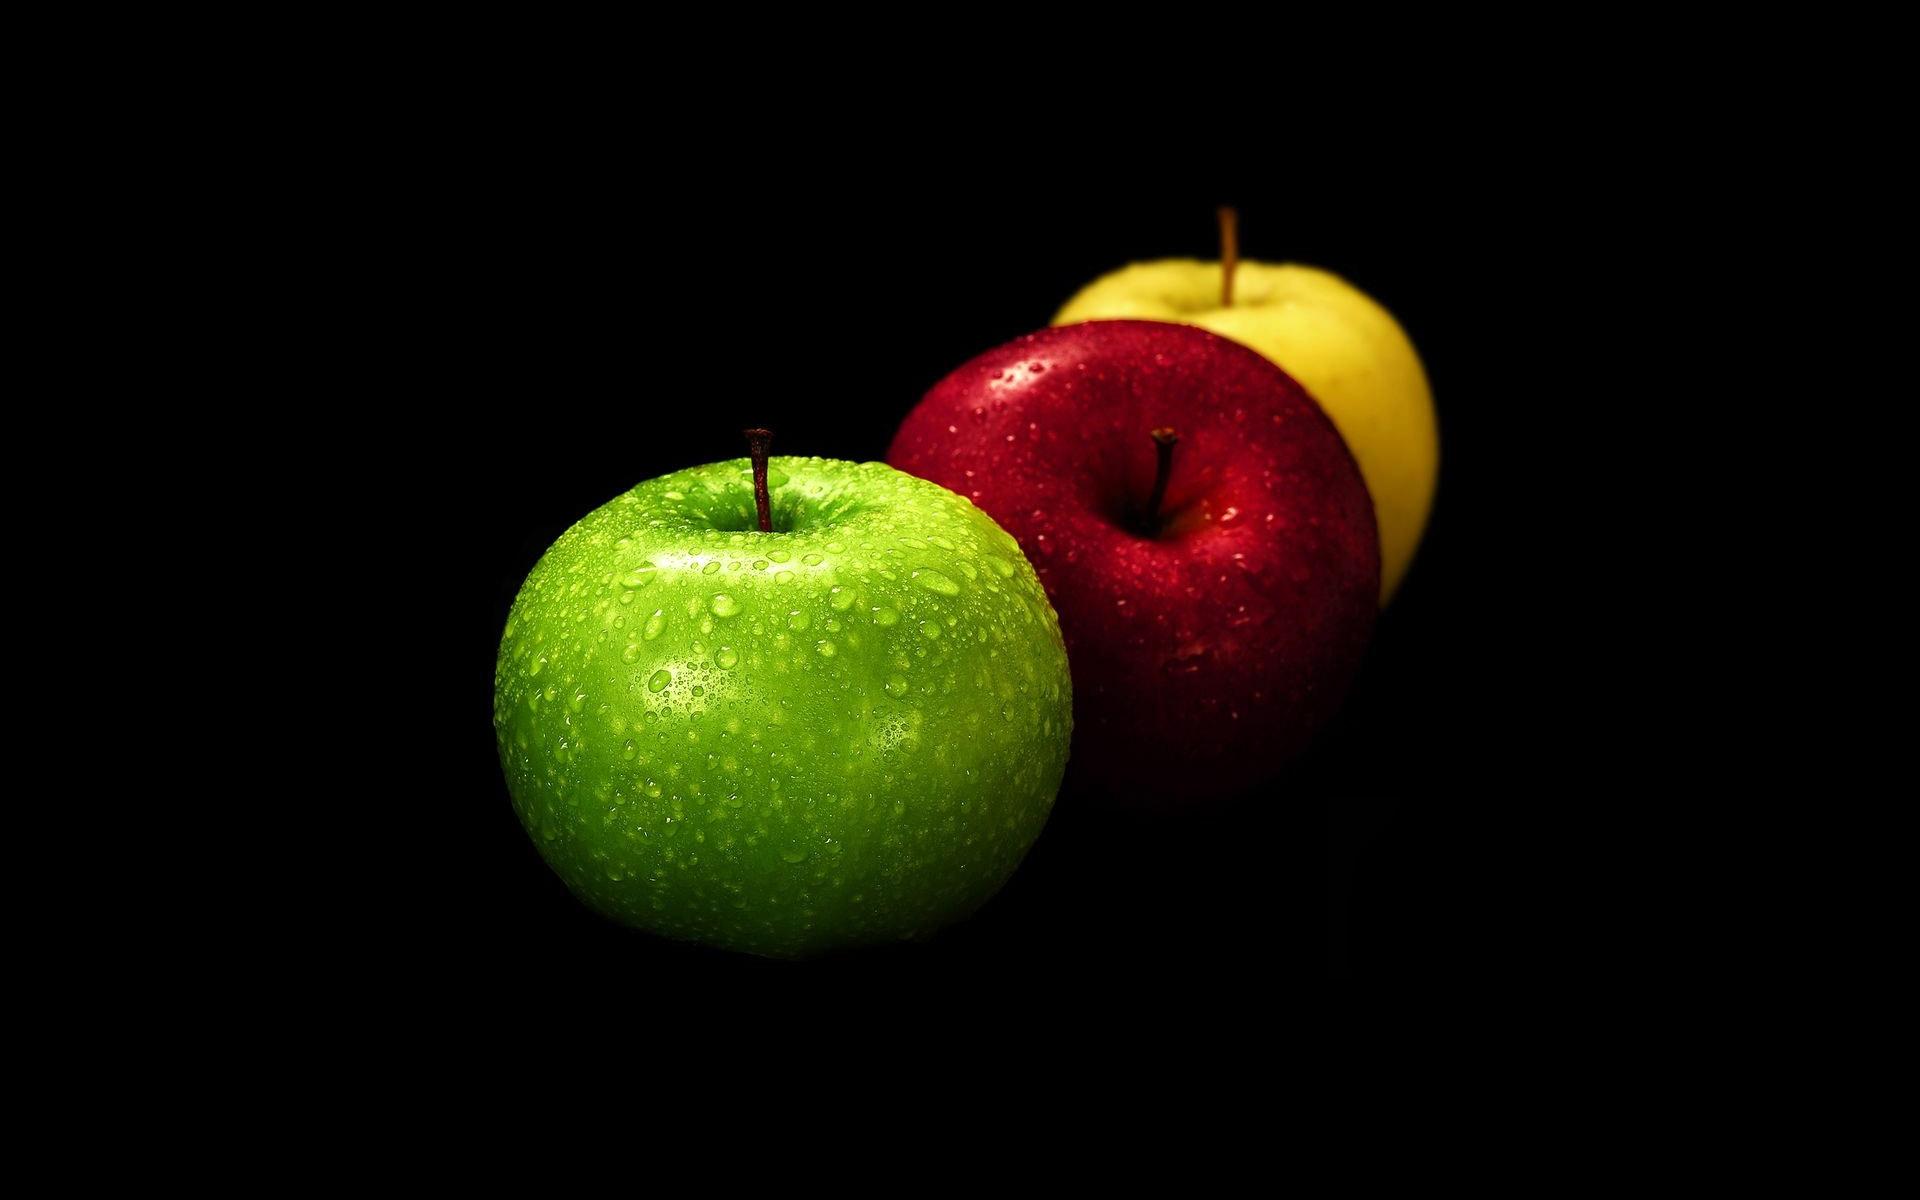 Hình nền trái táo đen đẹp